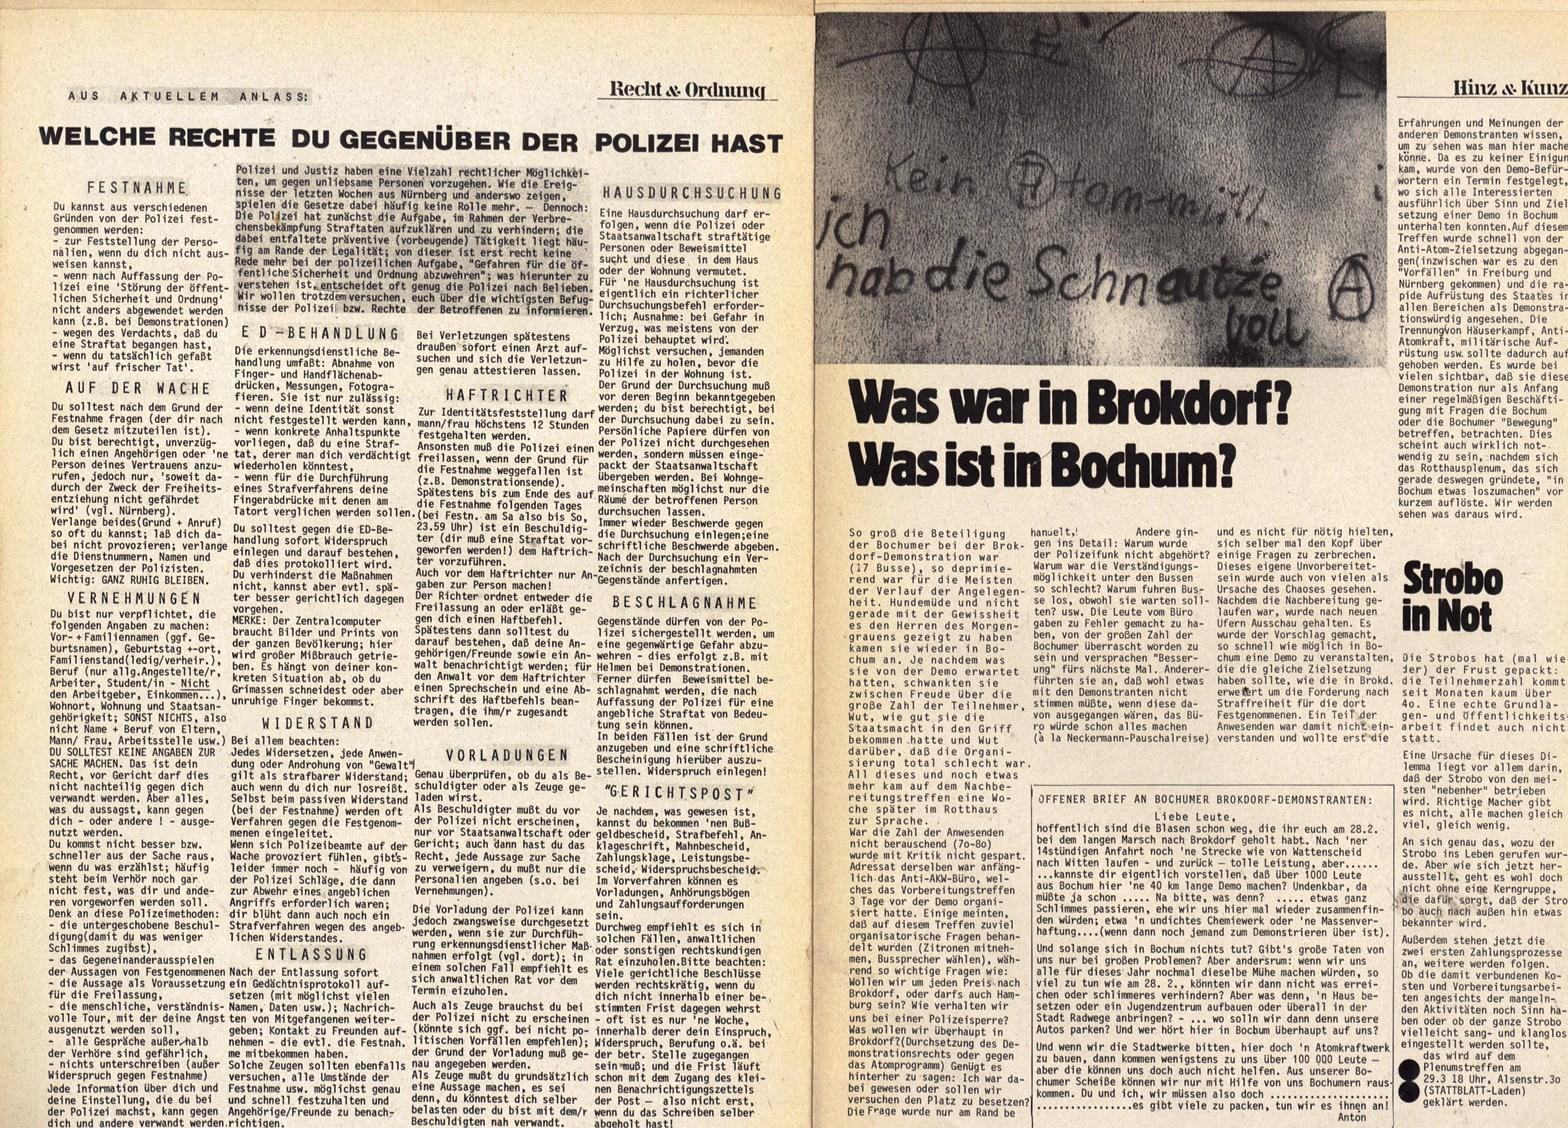 Bochum_Stattblatt_19810400_47_10